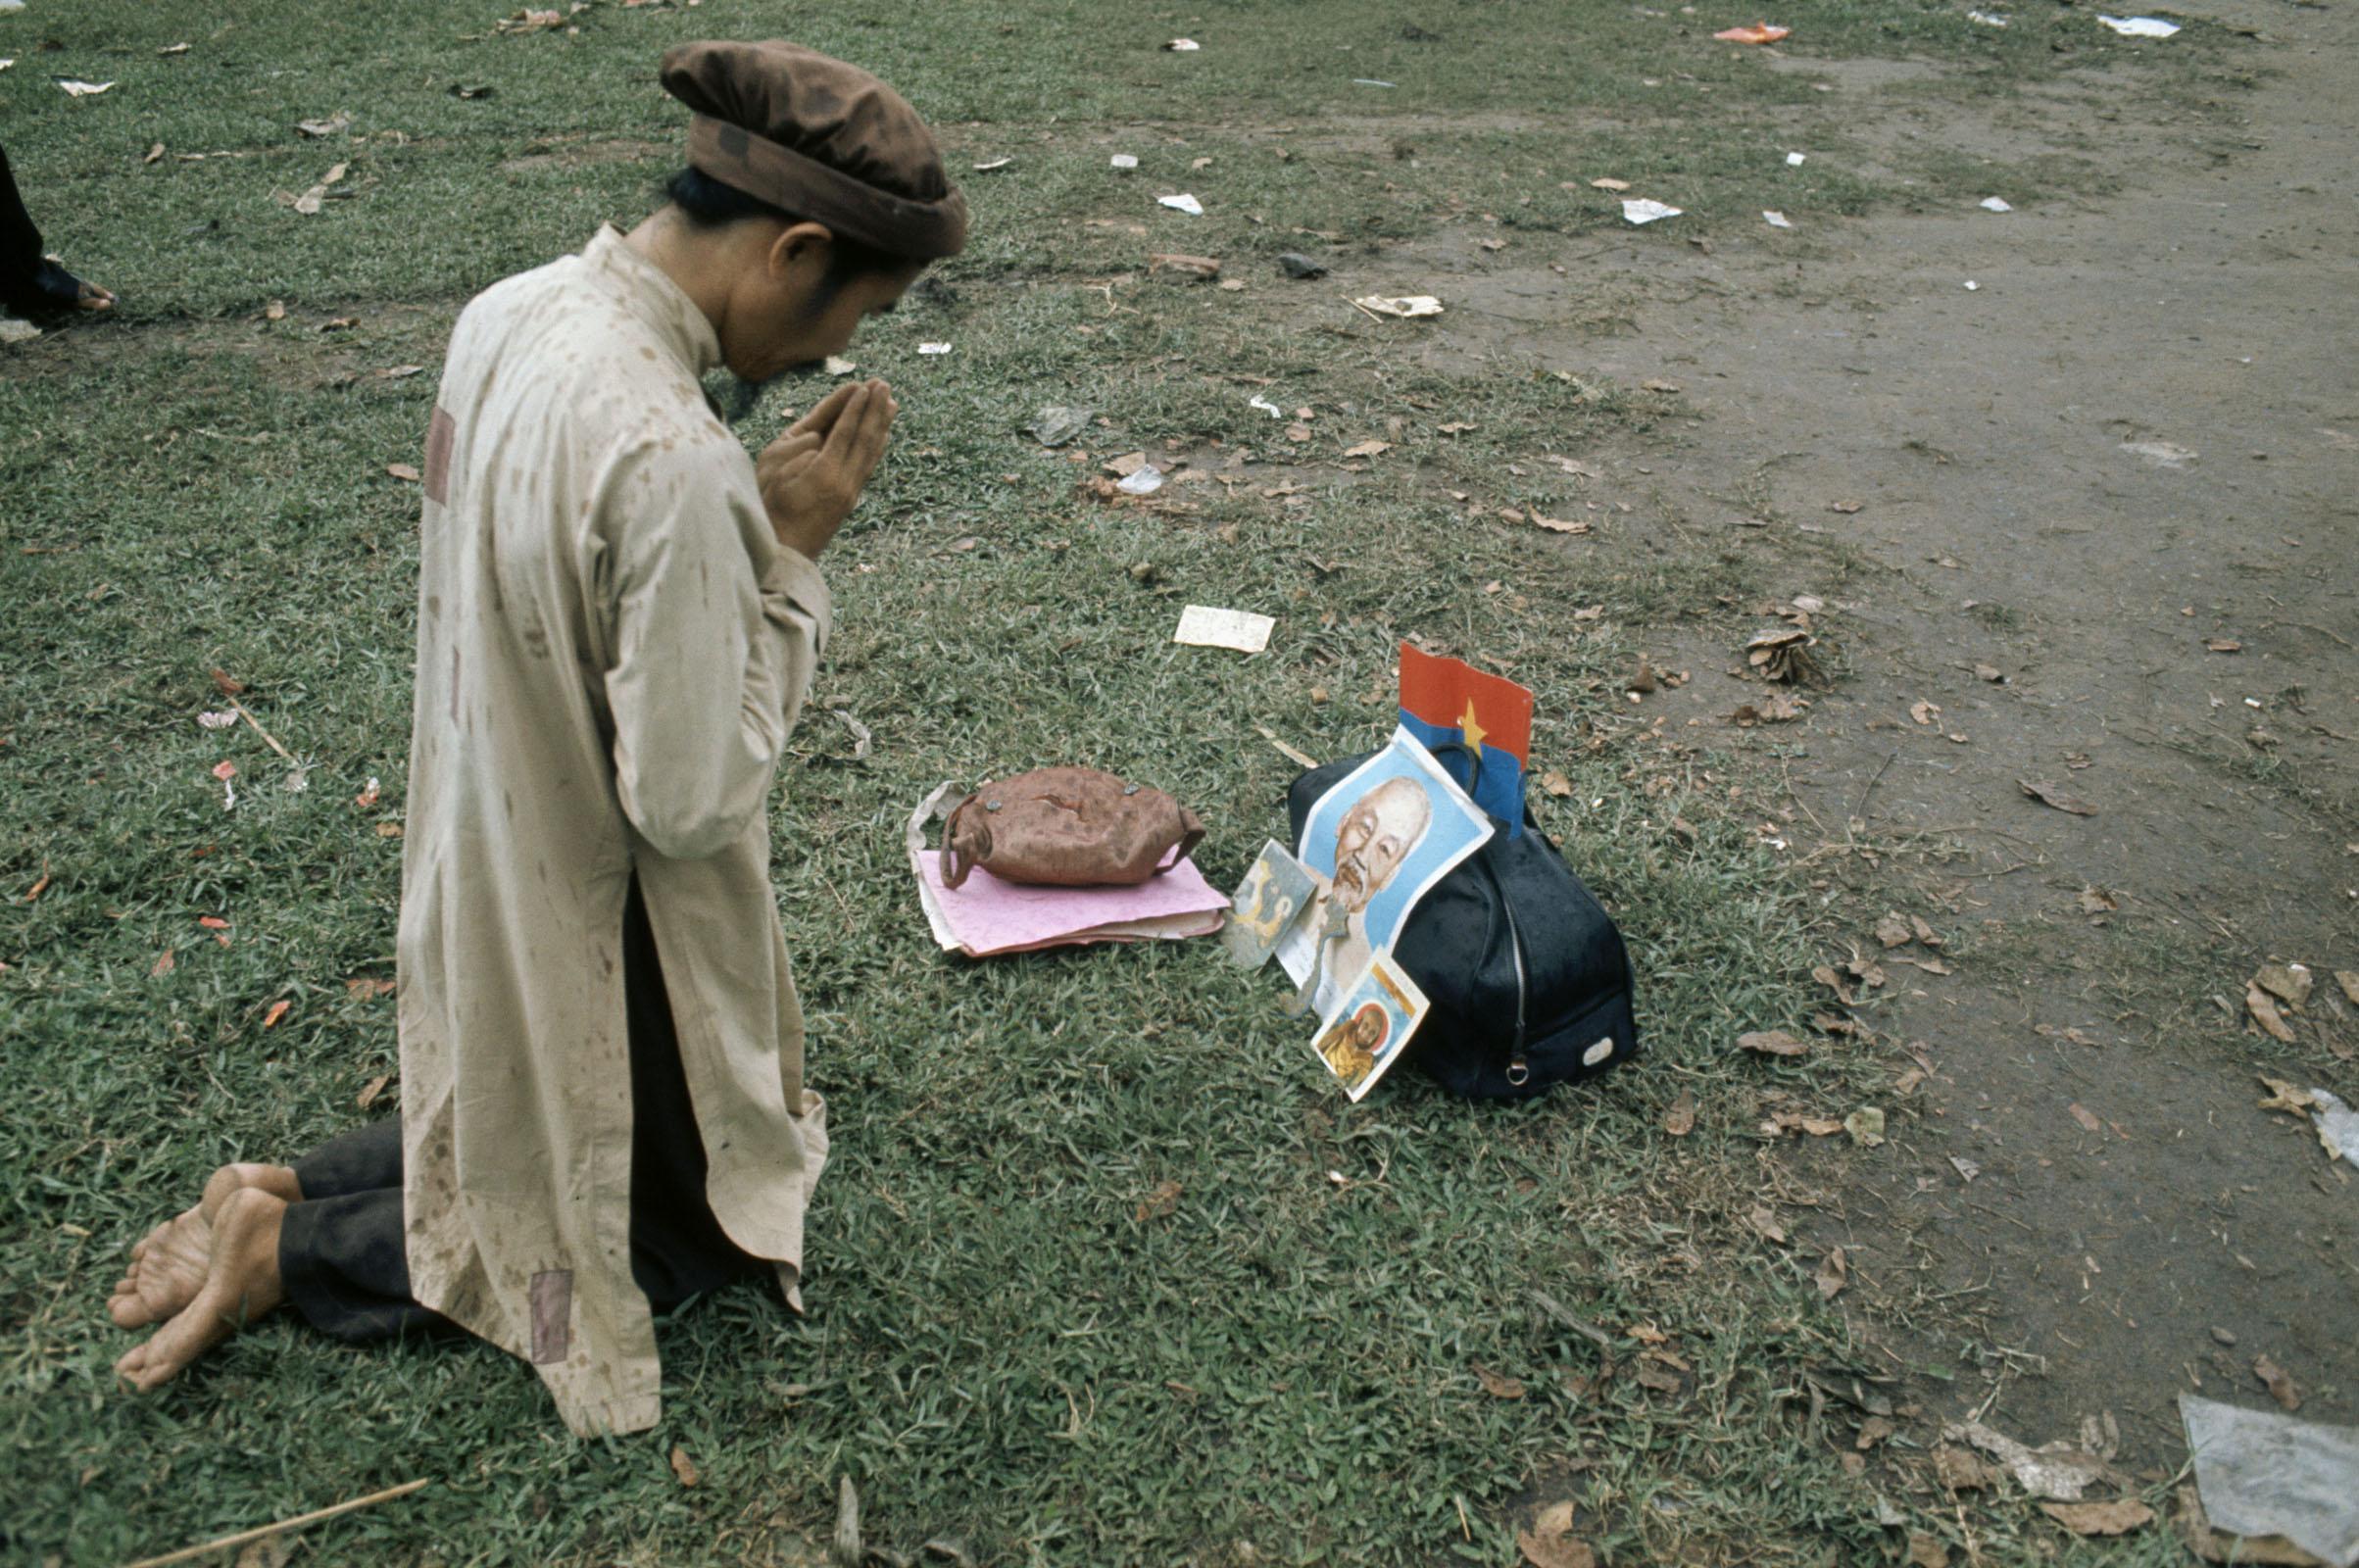 Вьетнамец молится перед портретом Хо Ши Мина после падения Сайгона. 30 апреля 1975